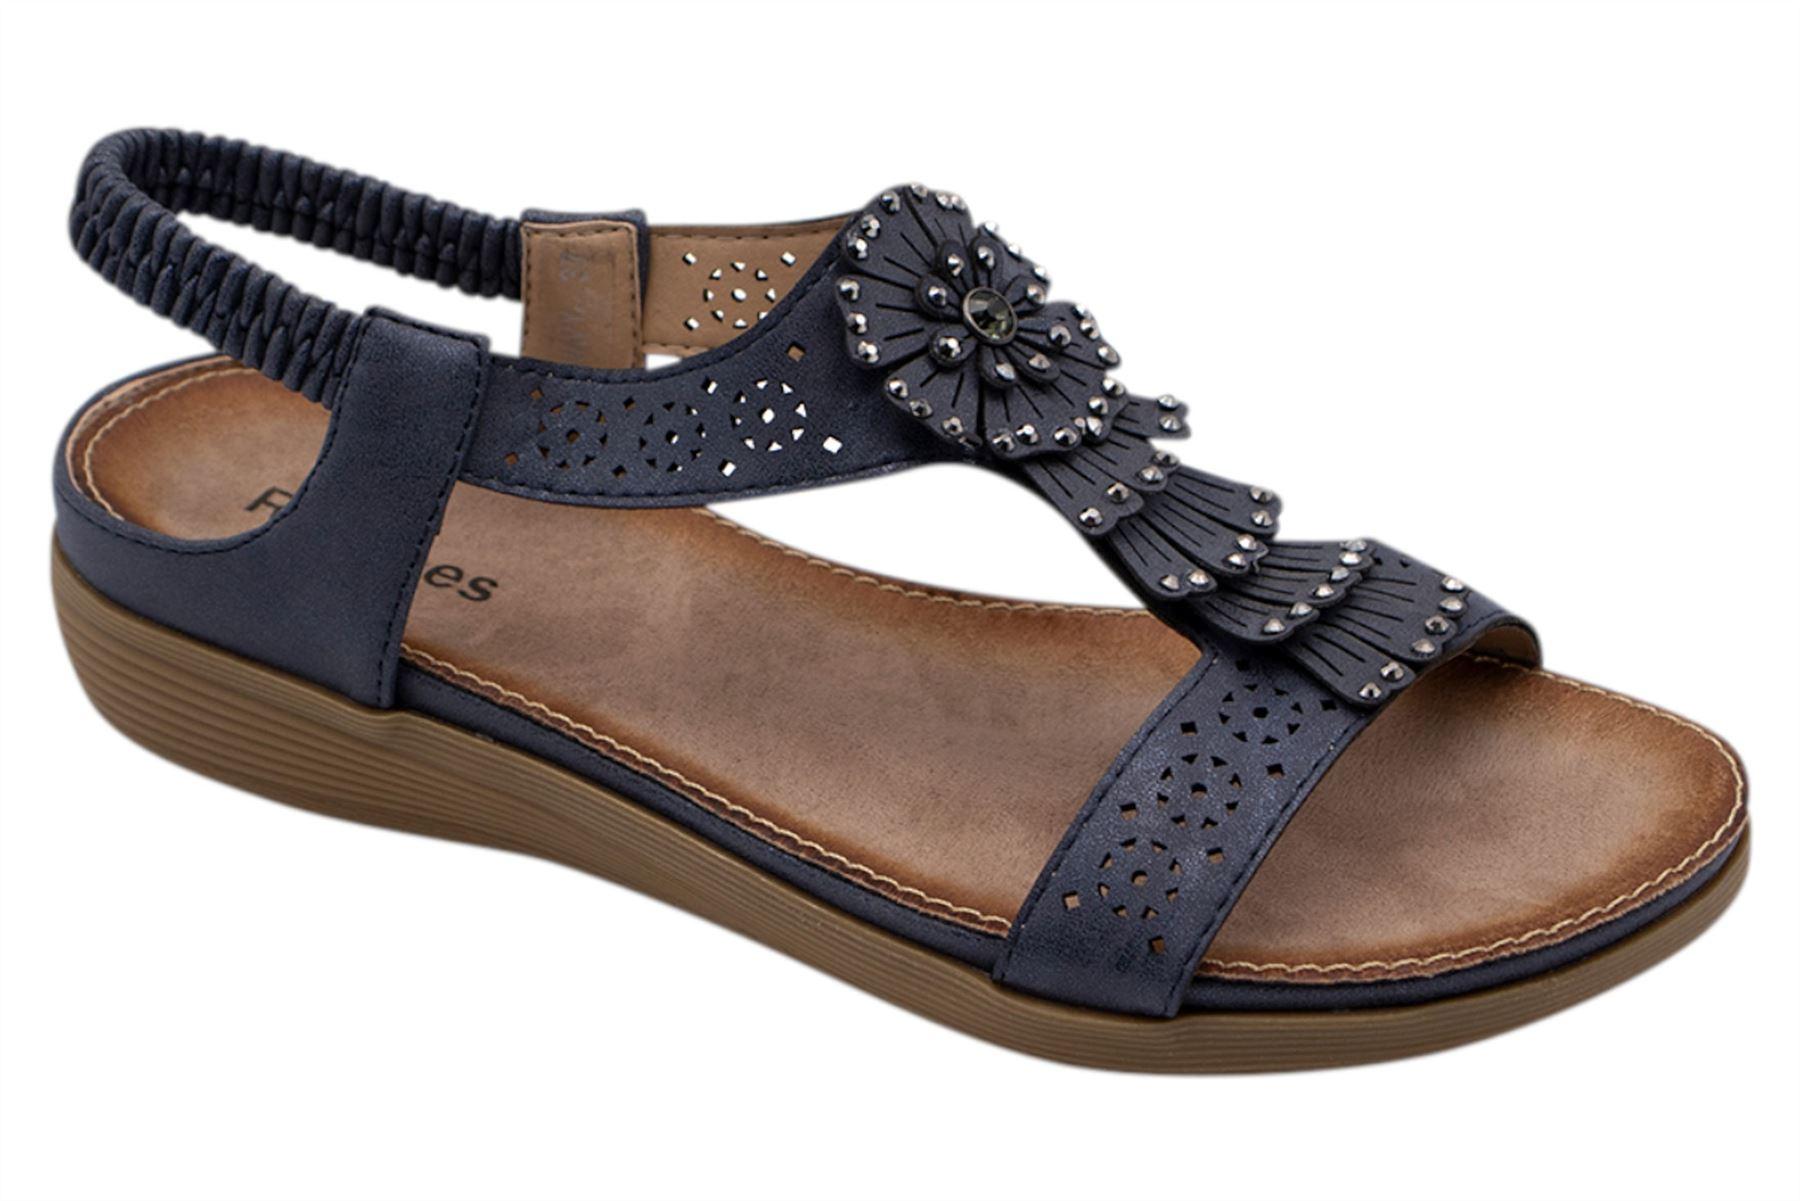 Ladies-Sandals-Womens-Shiny-Flat-Flip-Flop-Beach-Sliders miniatura 26